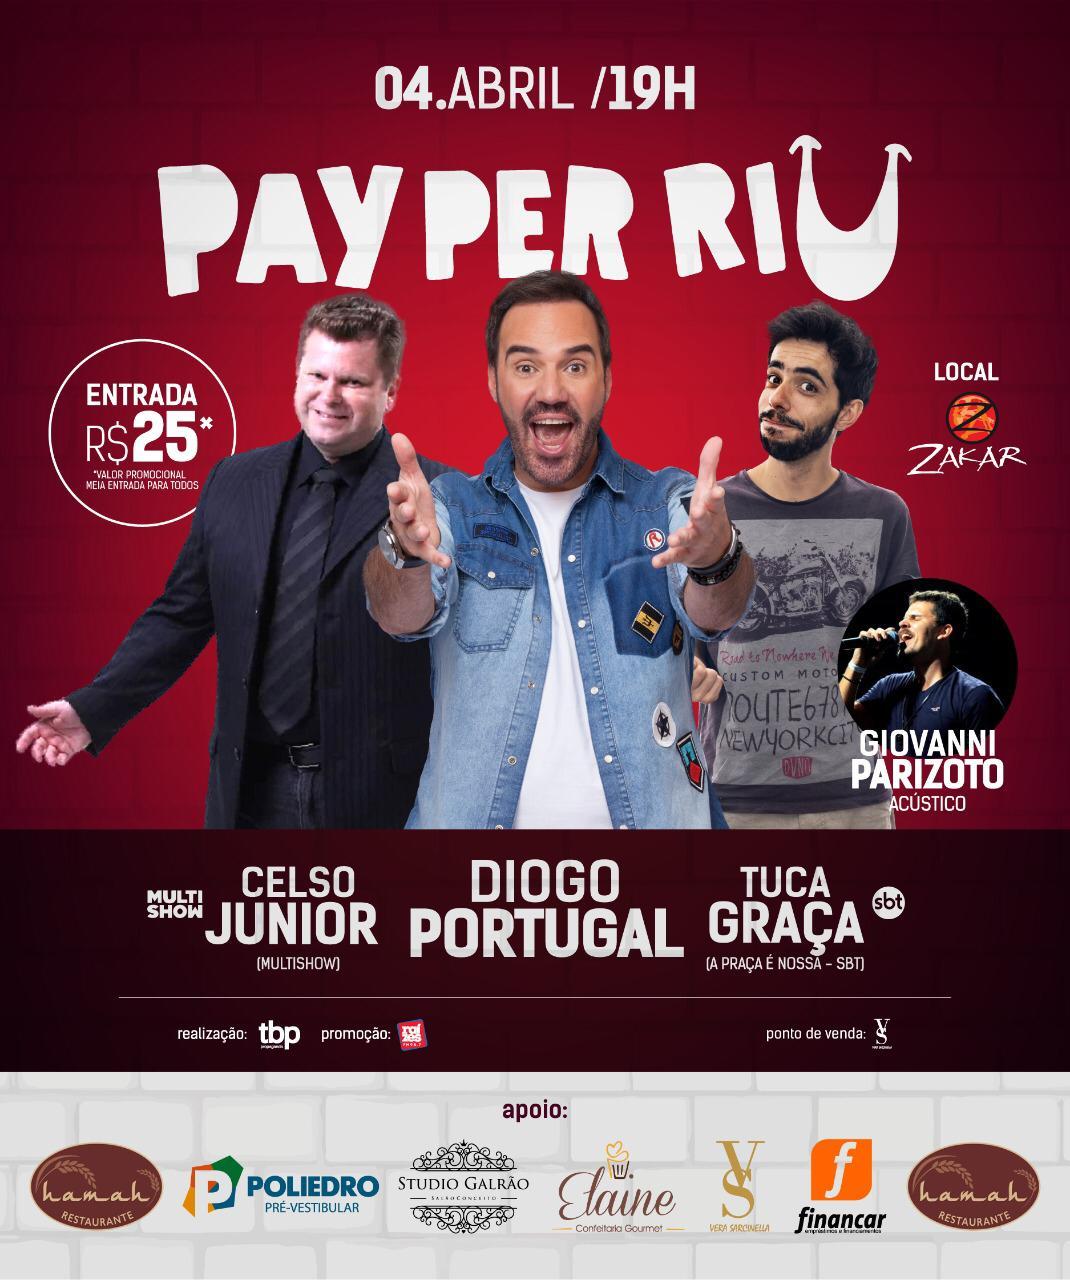 Pay Per Riu tem mudança de artista principal